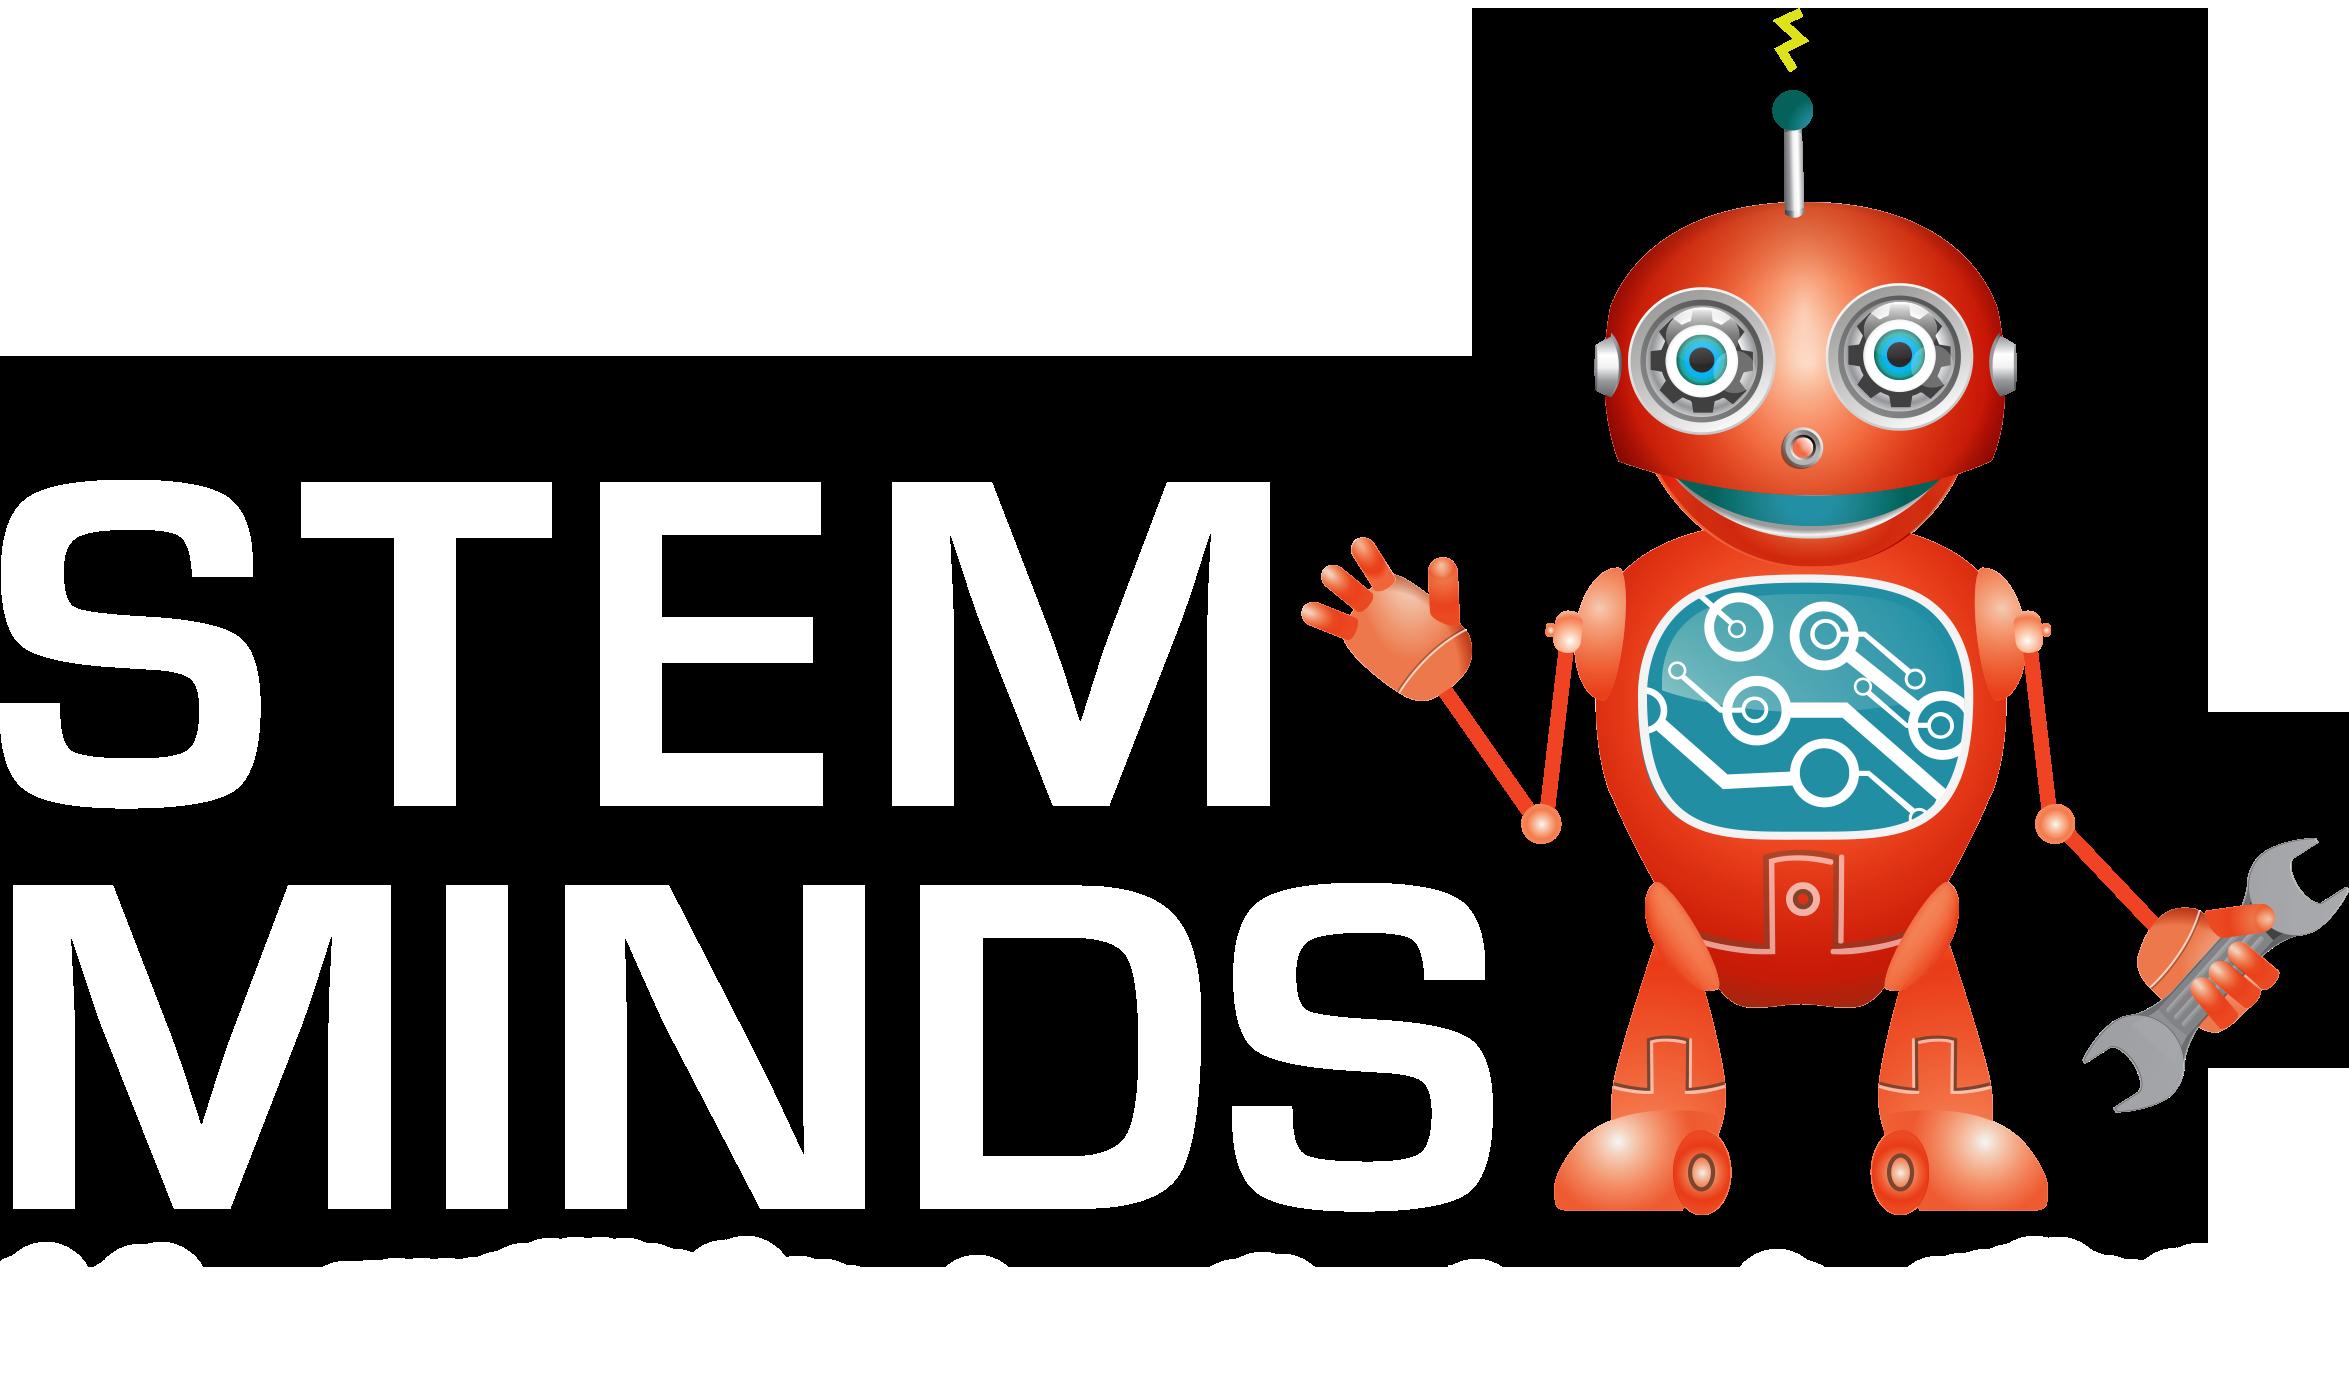 STEM MINDS